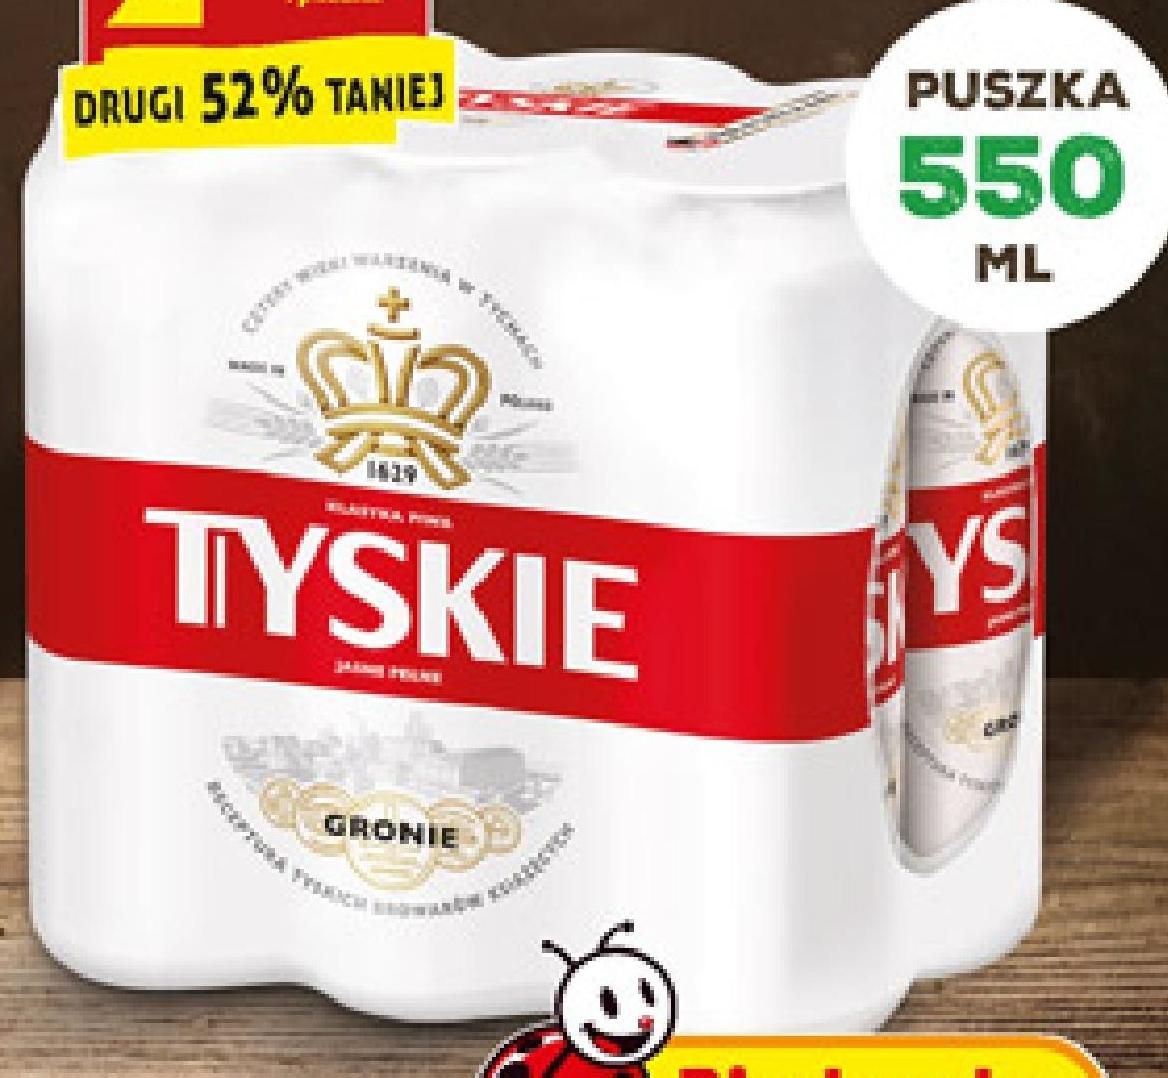 Piwo Tyskie Gronie niska cena